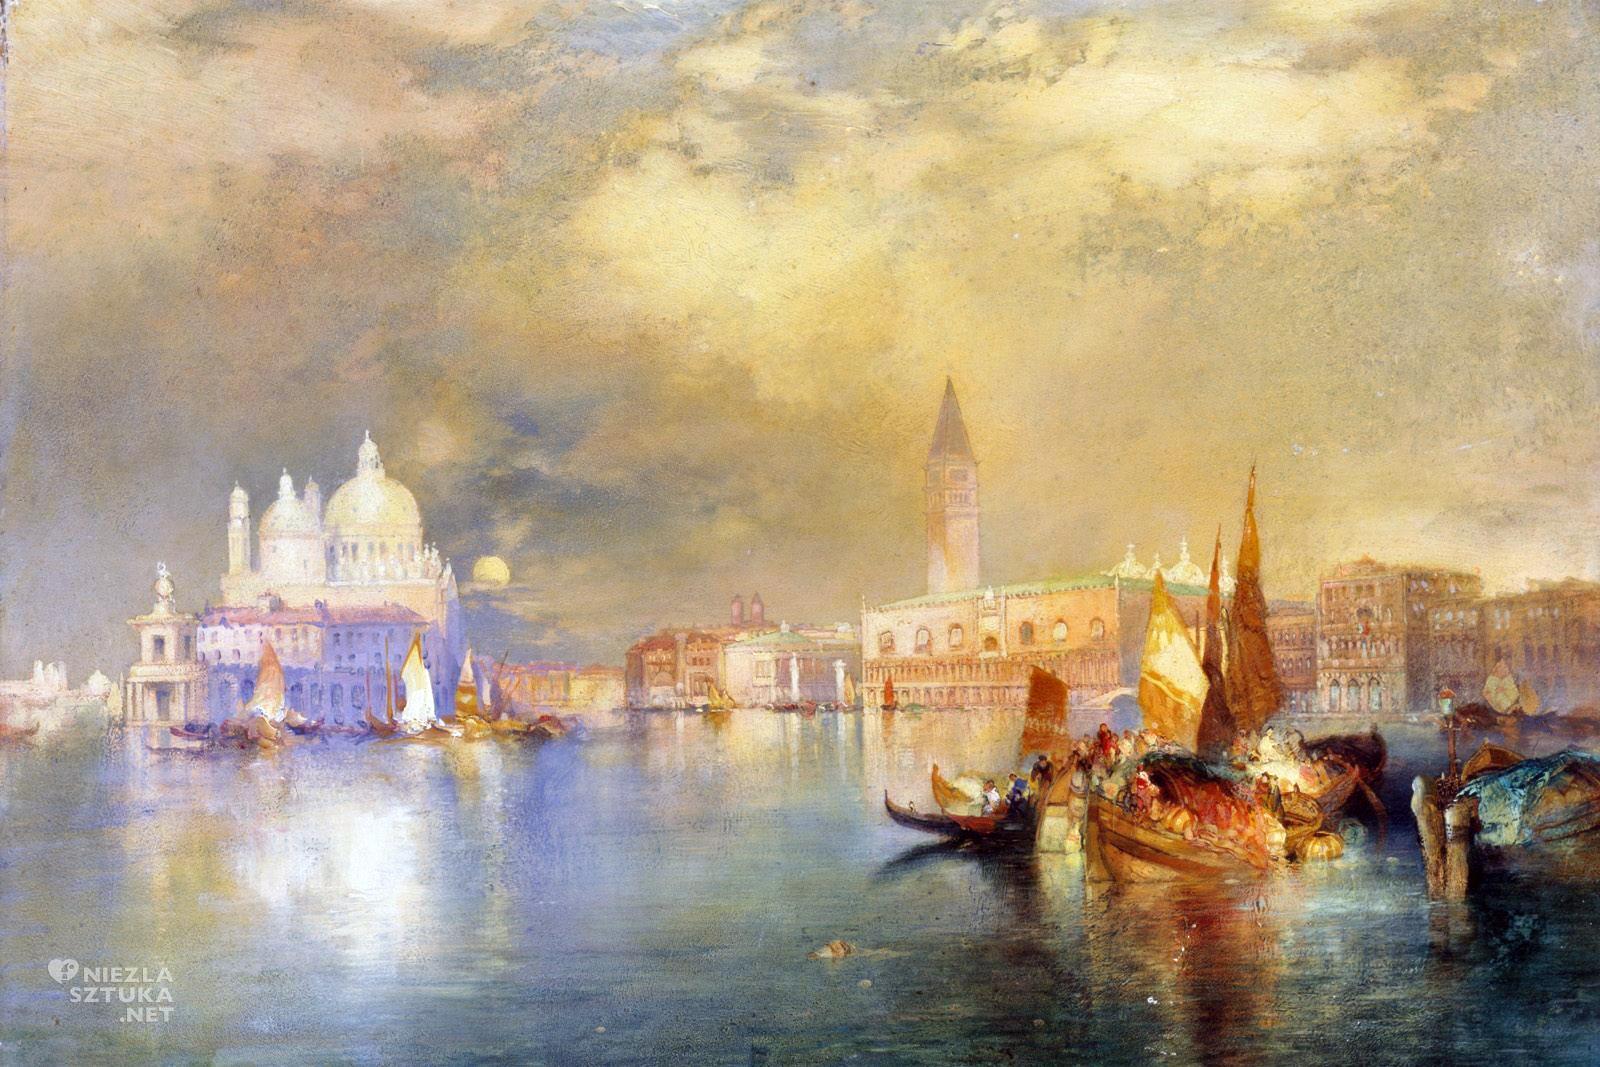 Thomas Moran, Wenecja, Niezła sztuka